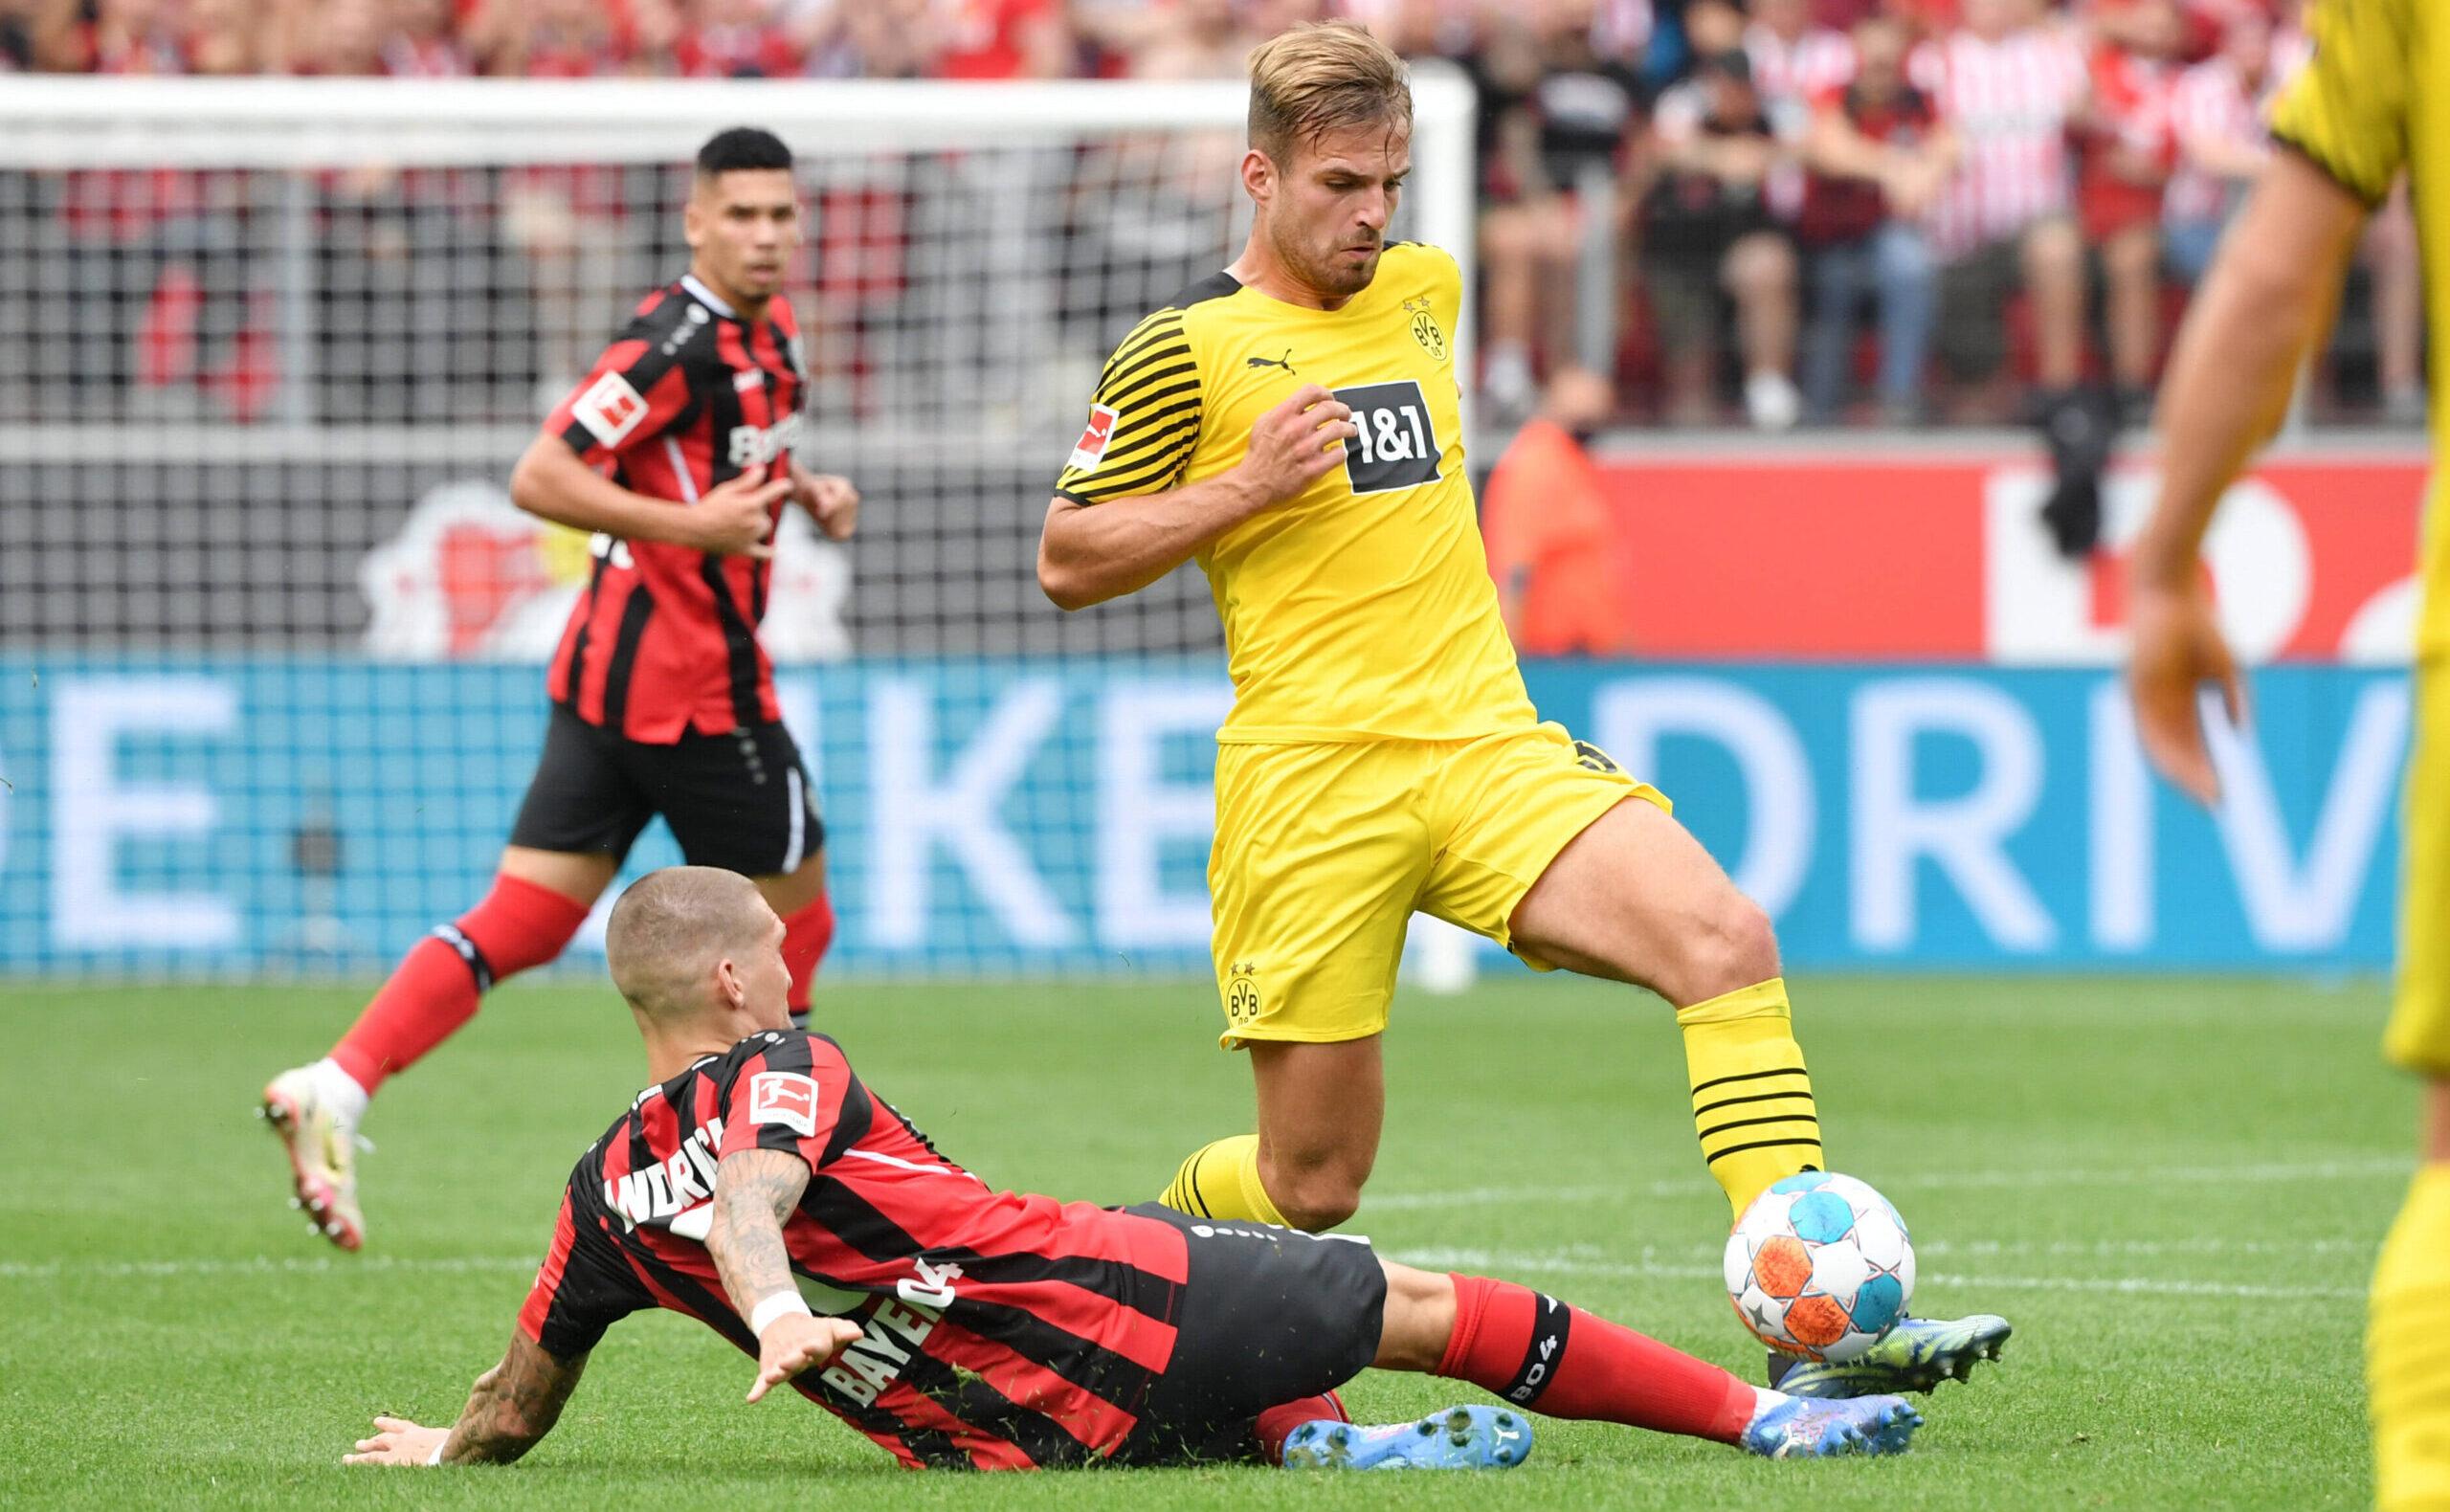 Marin Pongracic espera más apariciones después de su estreno con la camiseta del BVB. Foto: imago images / Team 2